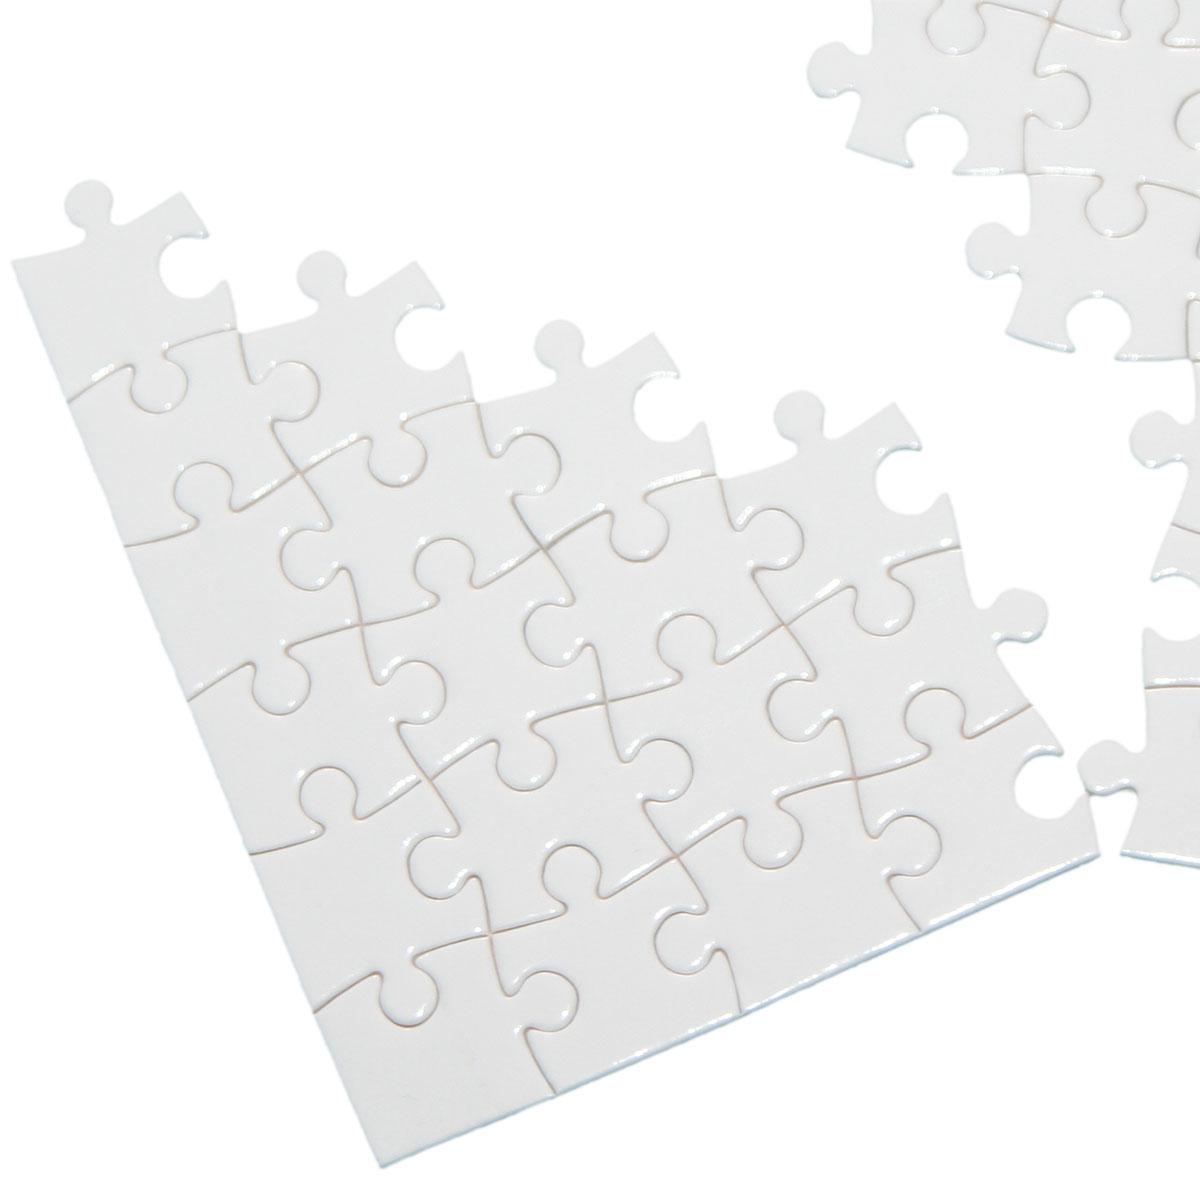 Puzzle do sublimacji 252 elementy